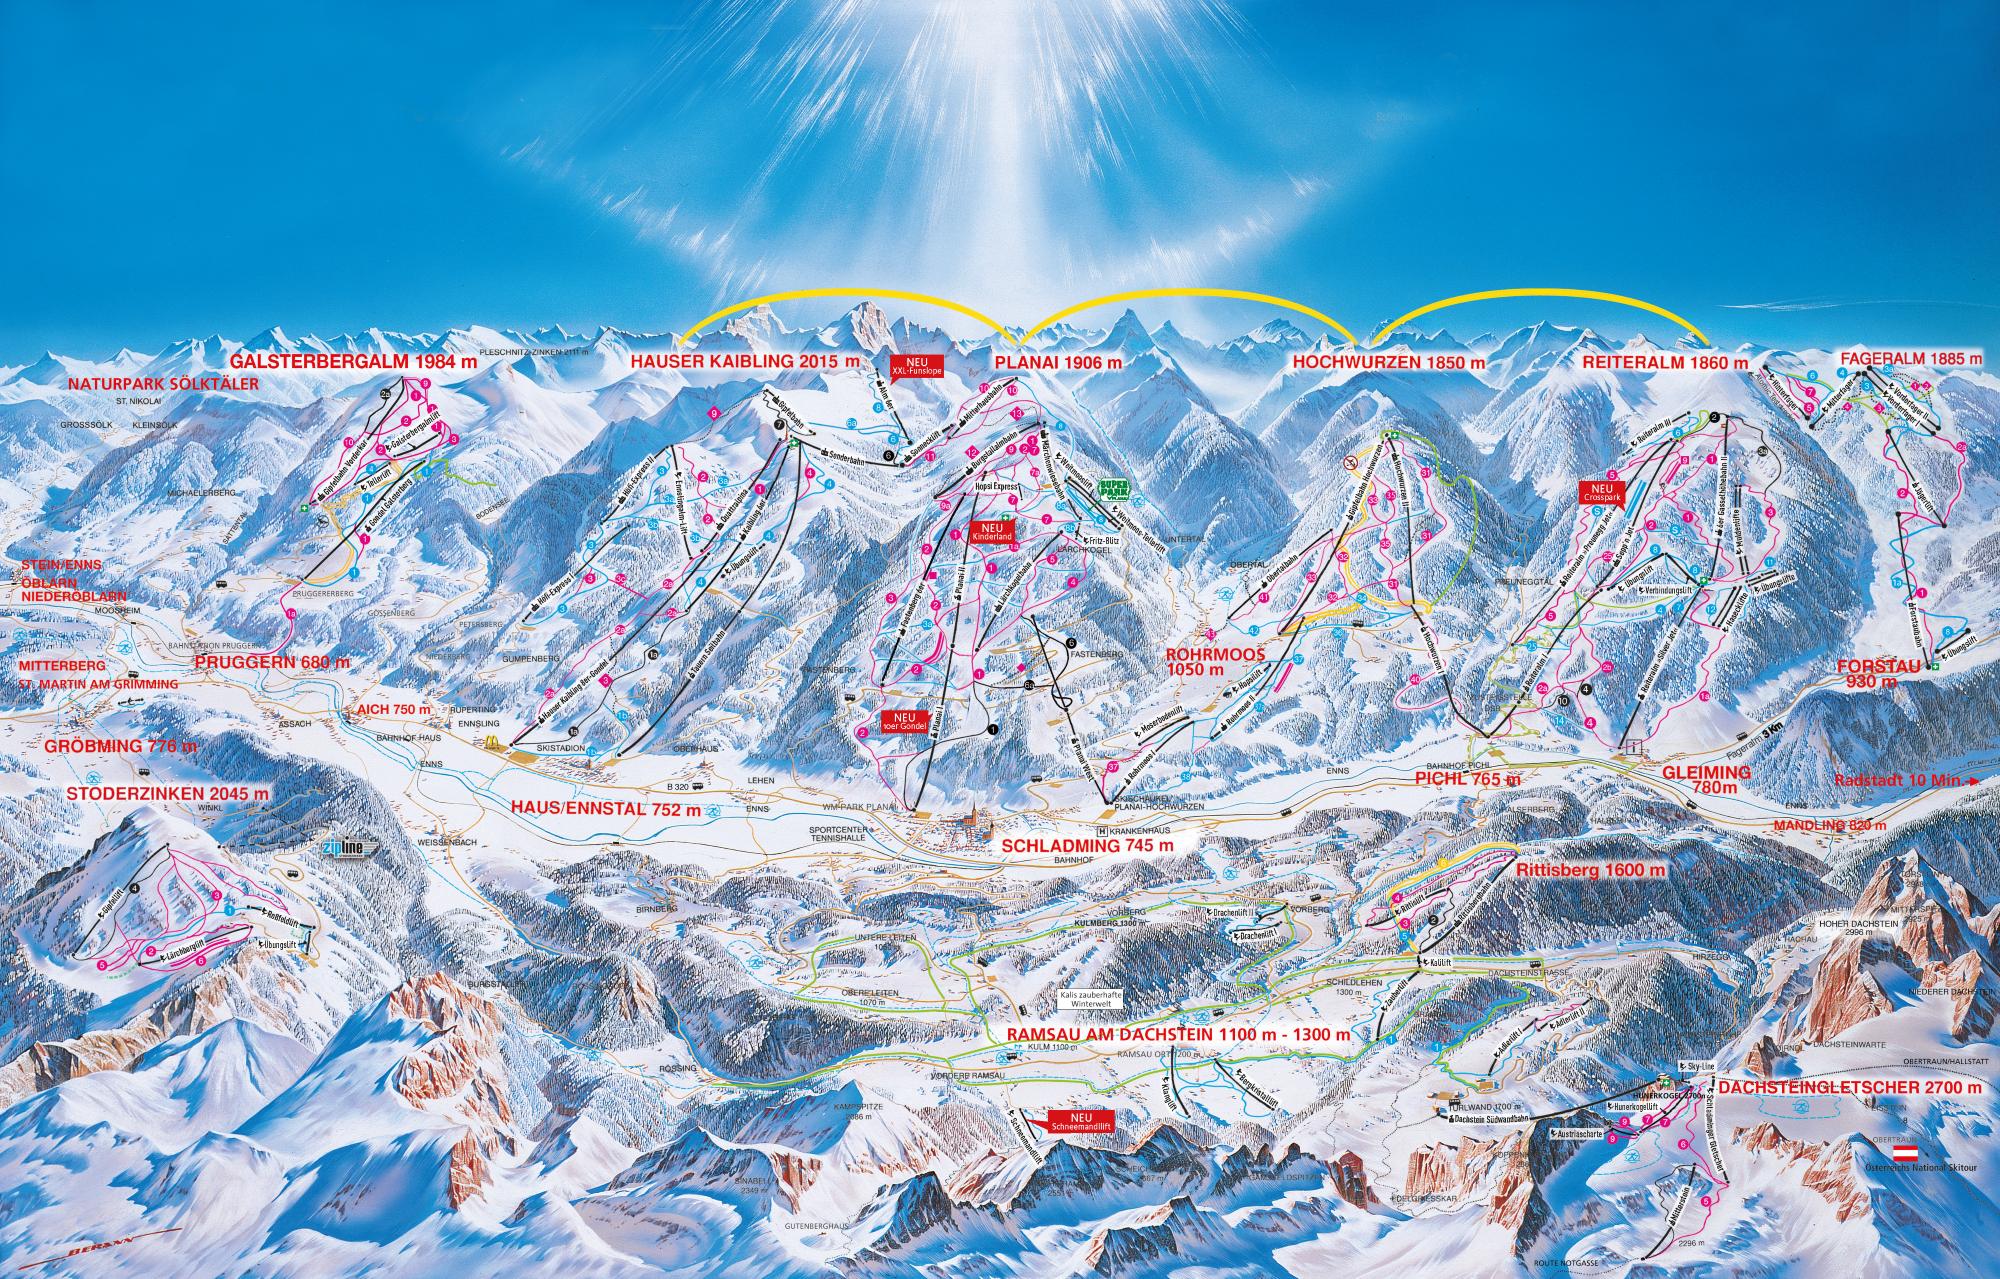 sd-panorama-winter-2019_20-rz1